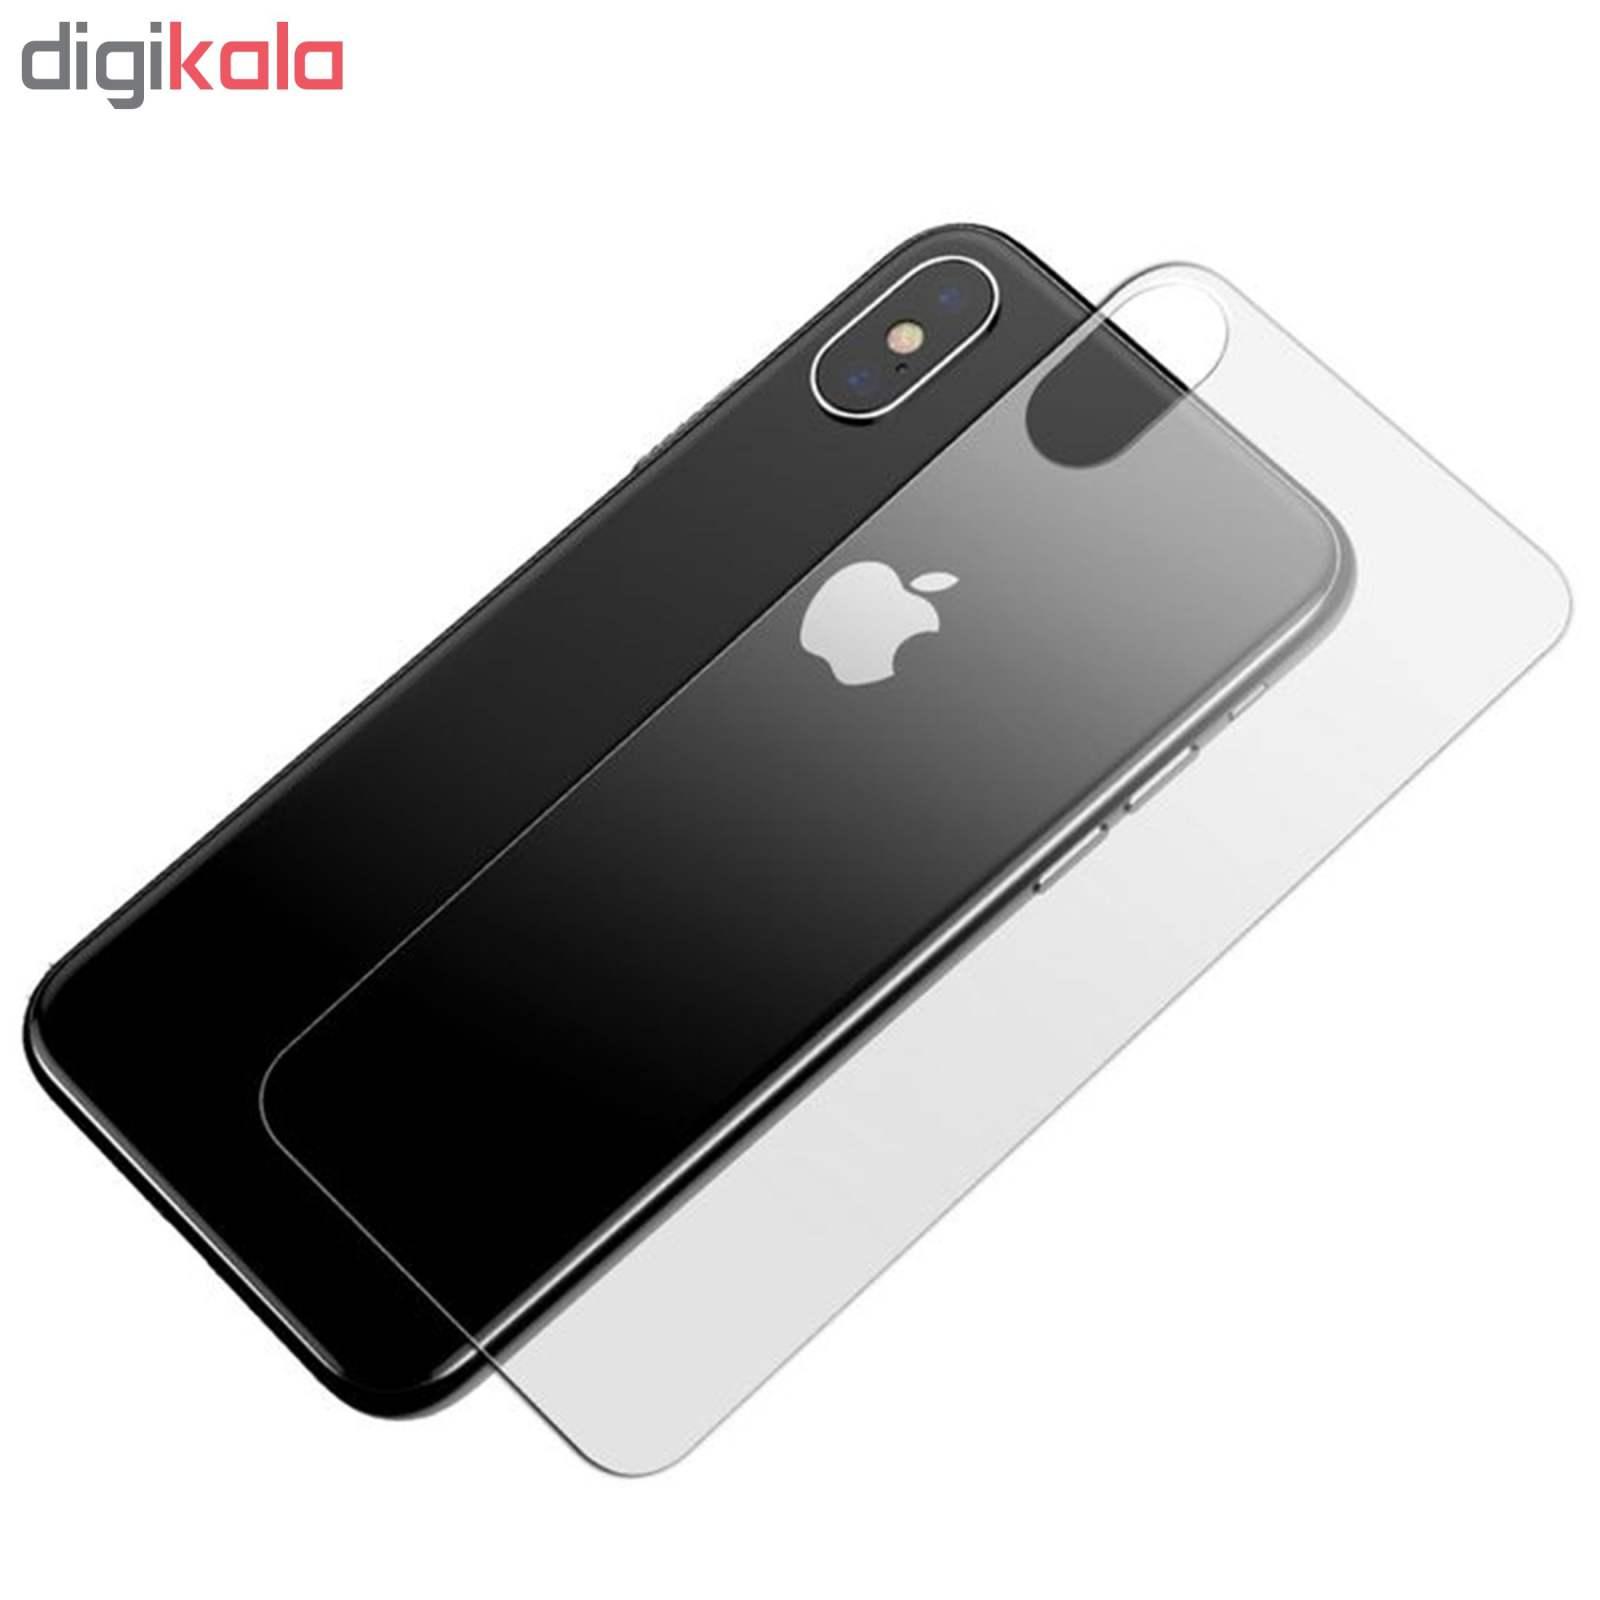 محافظ صفحه نمایش و پشت گوشی Hard and Thick مدل F-01 مناسب برای گوشی موبایل اپل Iphone X/Xs به همراه محافظ لنز دوربین main 1 6